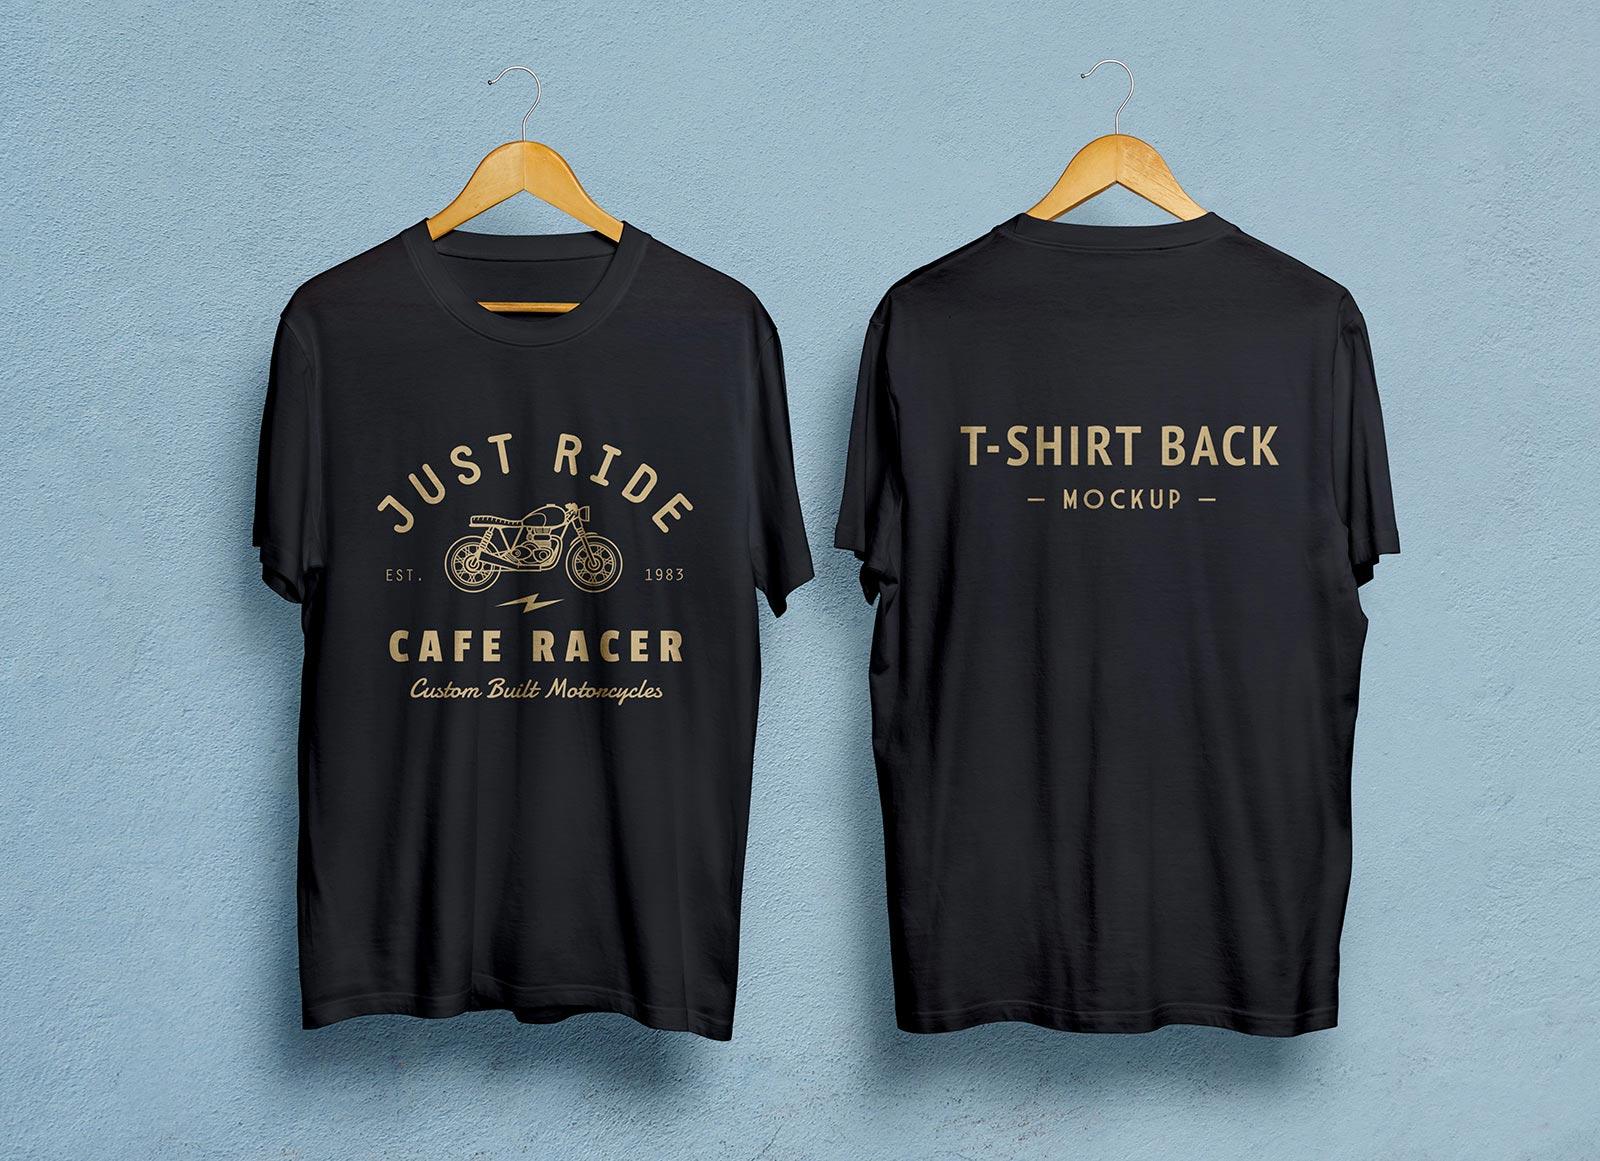 Dapatkan koleksi Tawaran T-shirt gratis